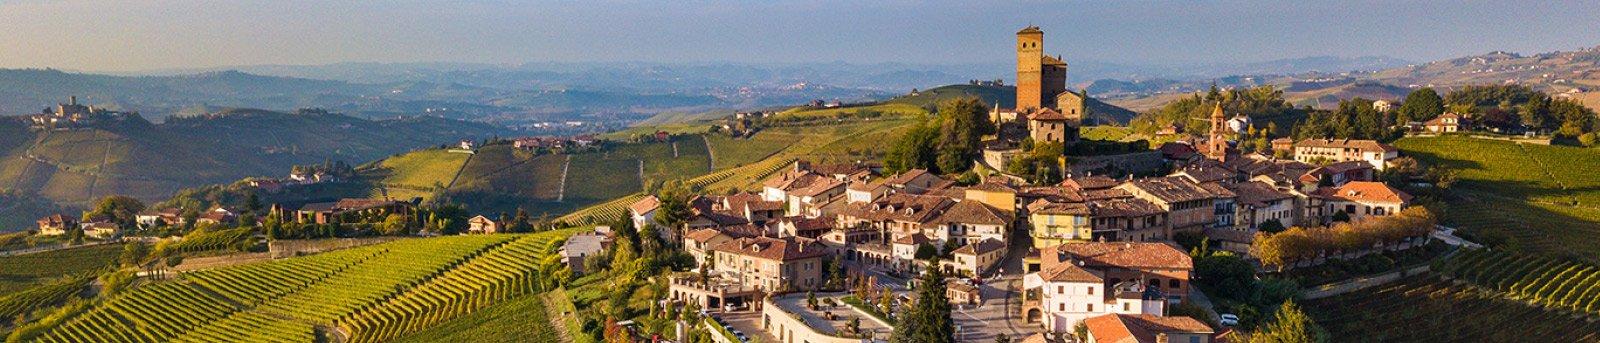 Langhuorino - In viaggio tra Langhe, Roero e Monferrato